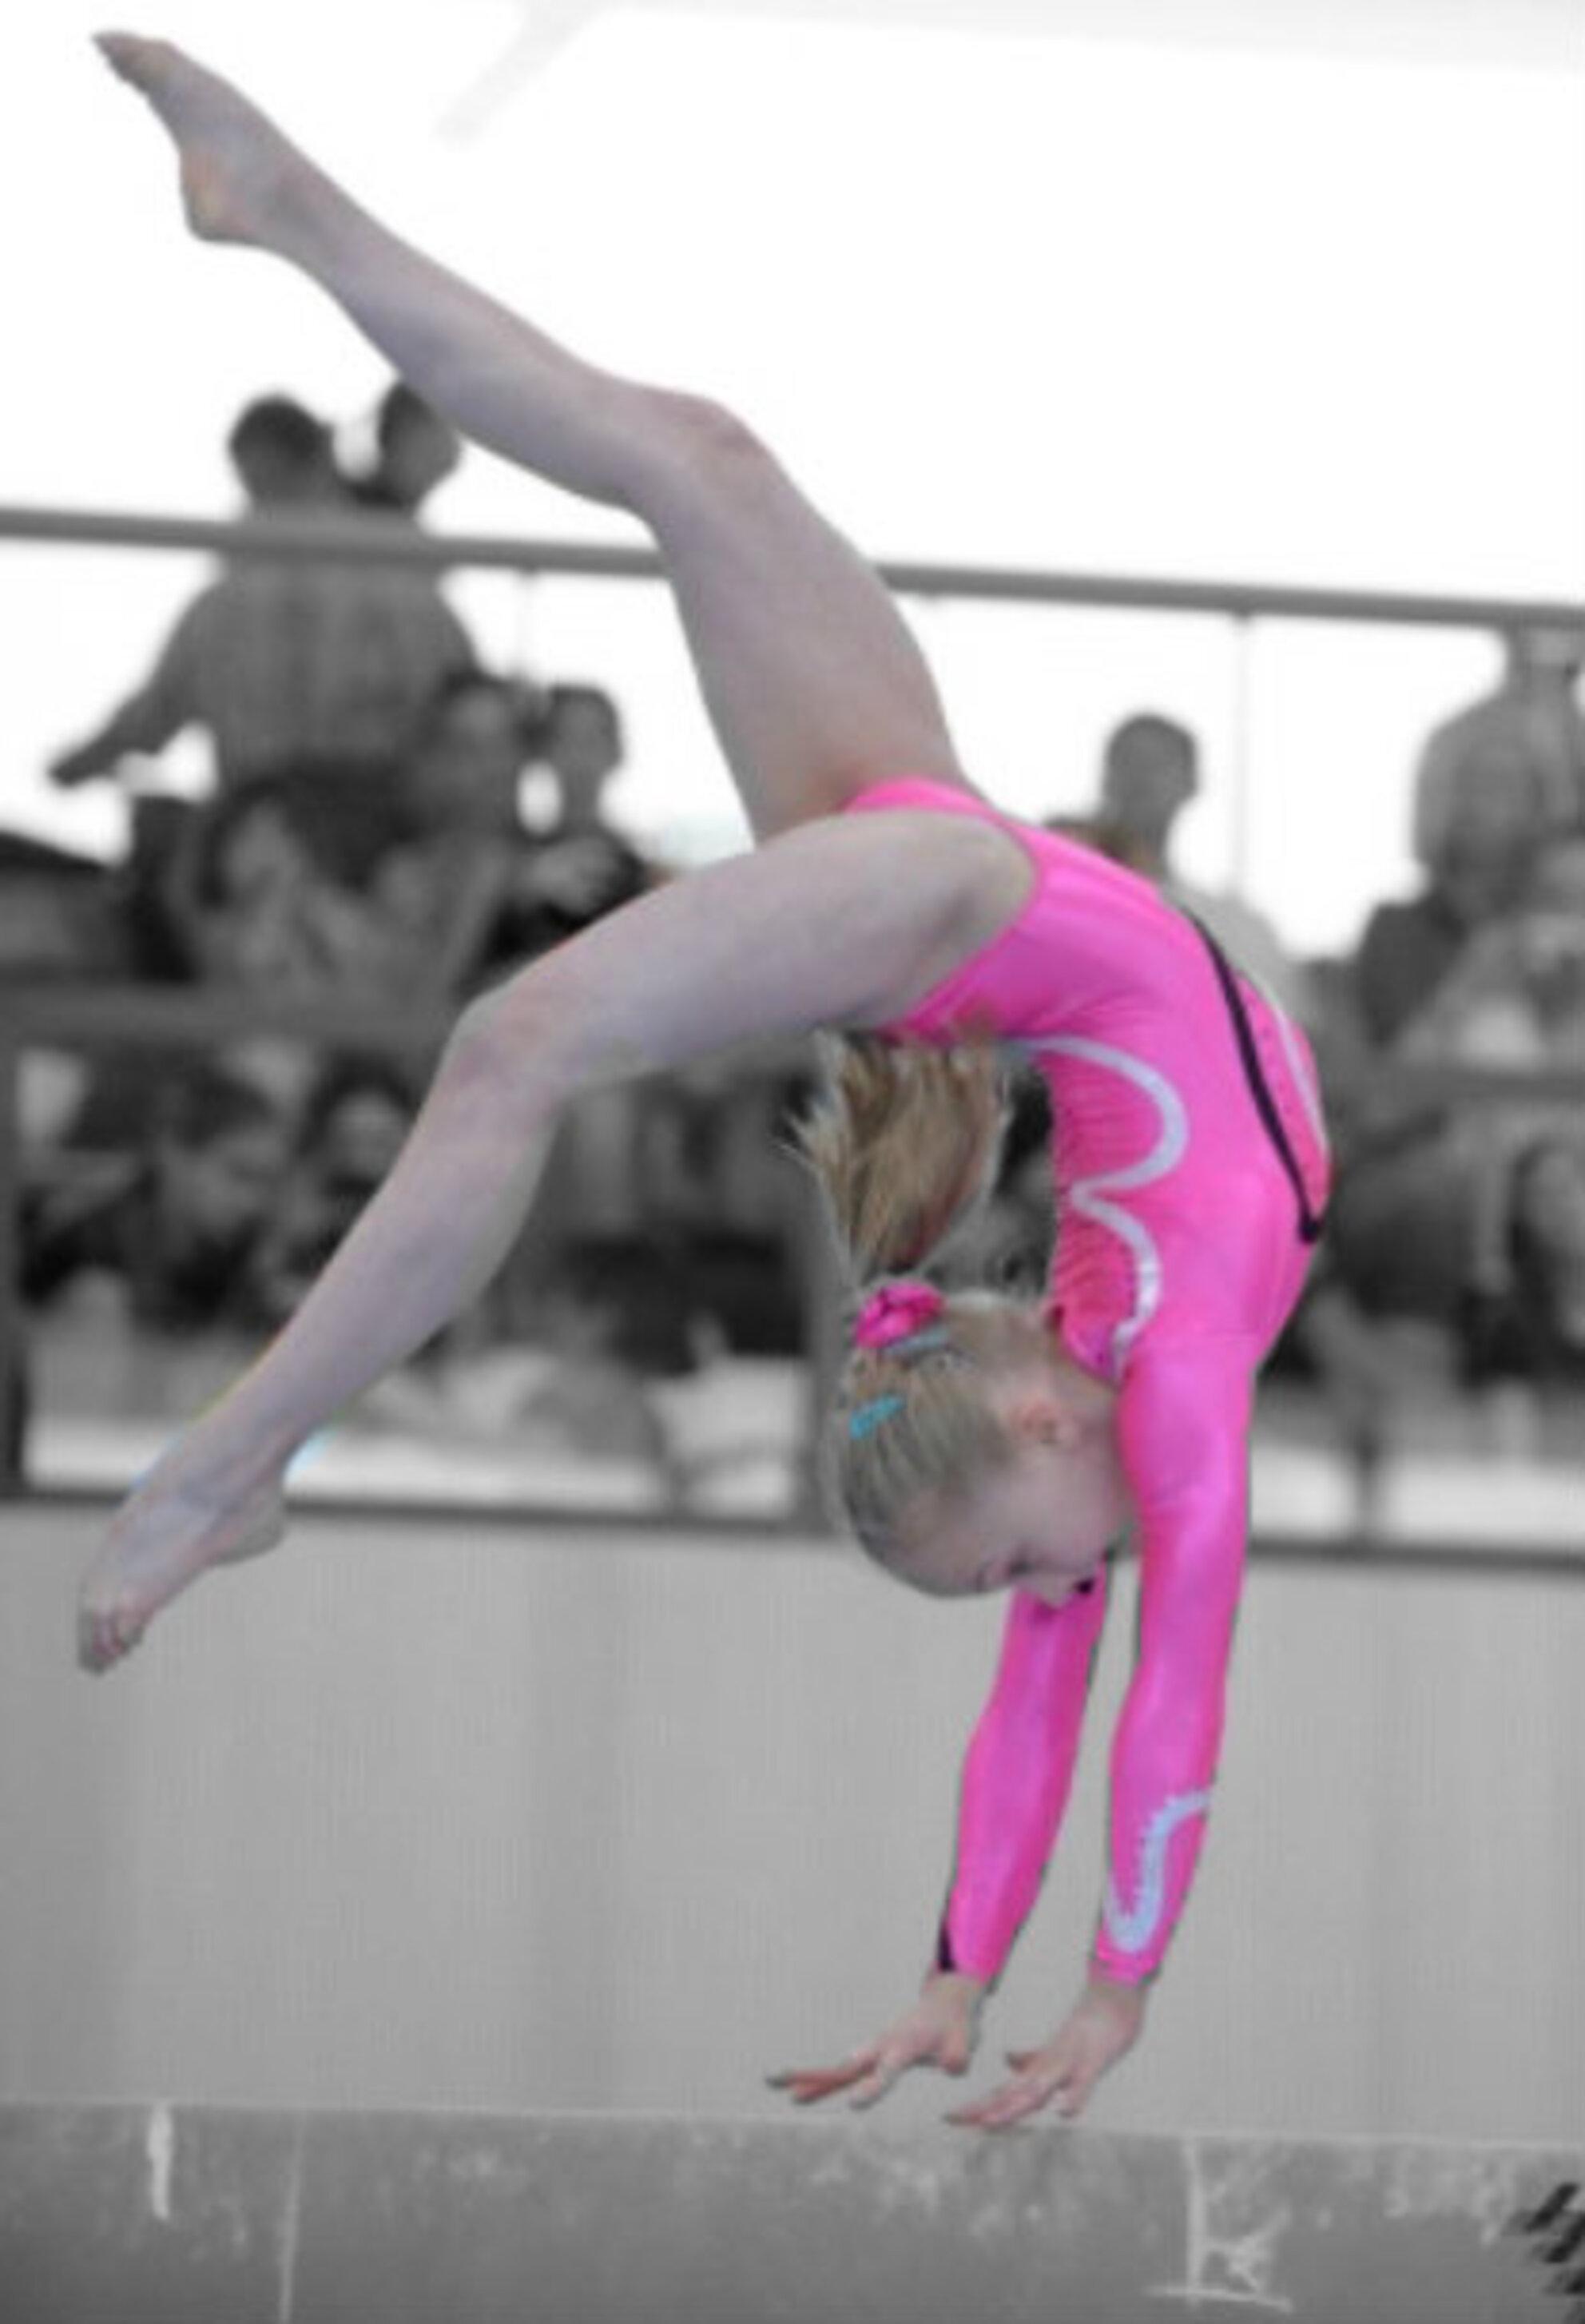 Bewerkt - Bewerkte turnfoto van NK - foto door RozeAardappel op 28-03-2013 - deze foto bevat: roze, sport, bewerkt, turnen, leuk, balk, turnpakje - Deze foto mag gebruikt worden in een Zoom.nl publicatie